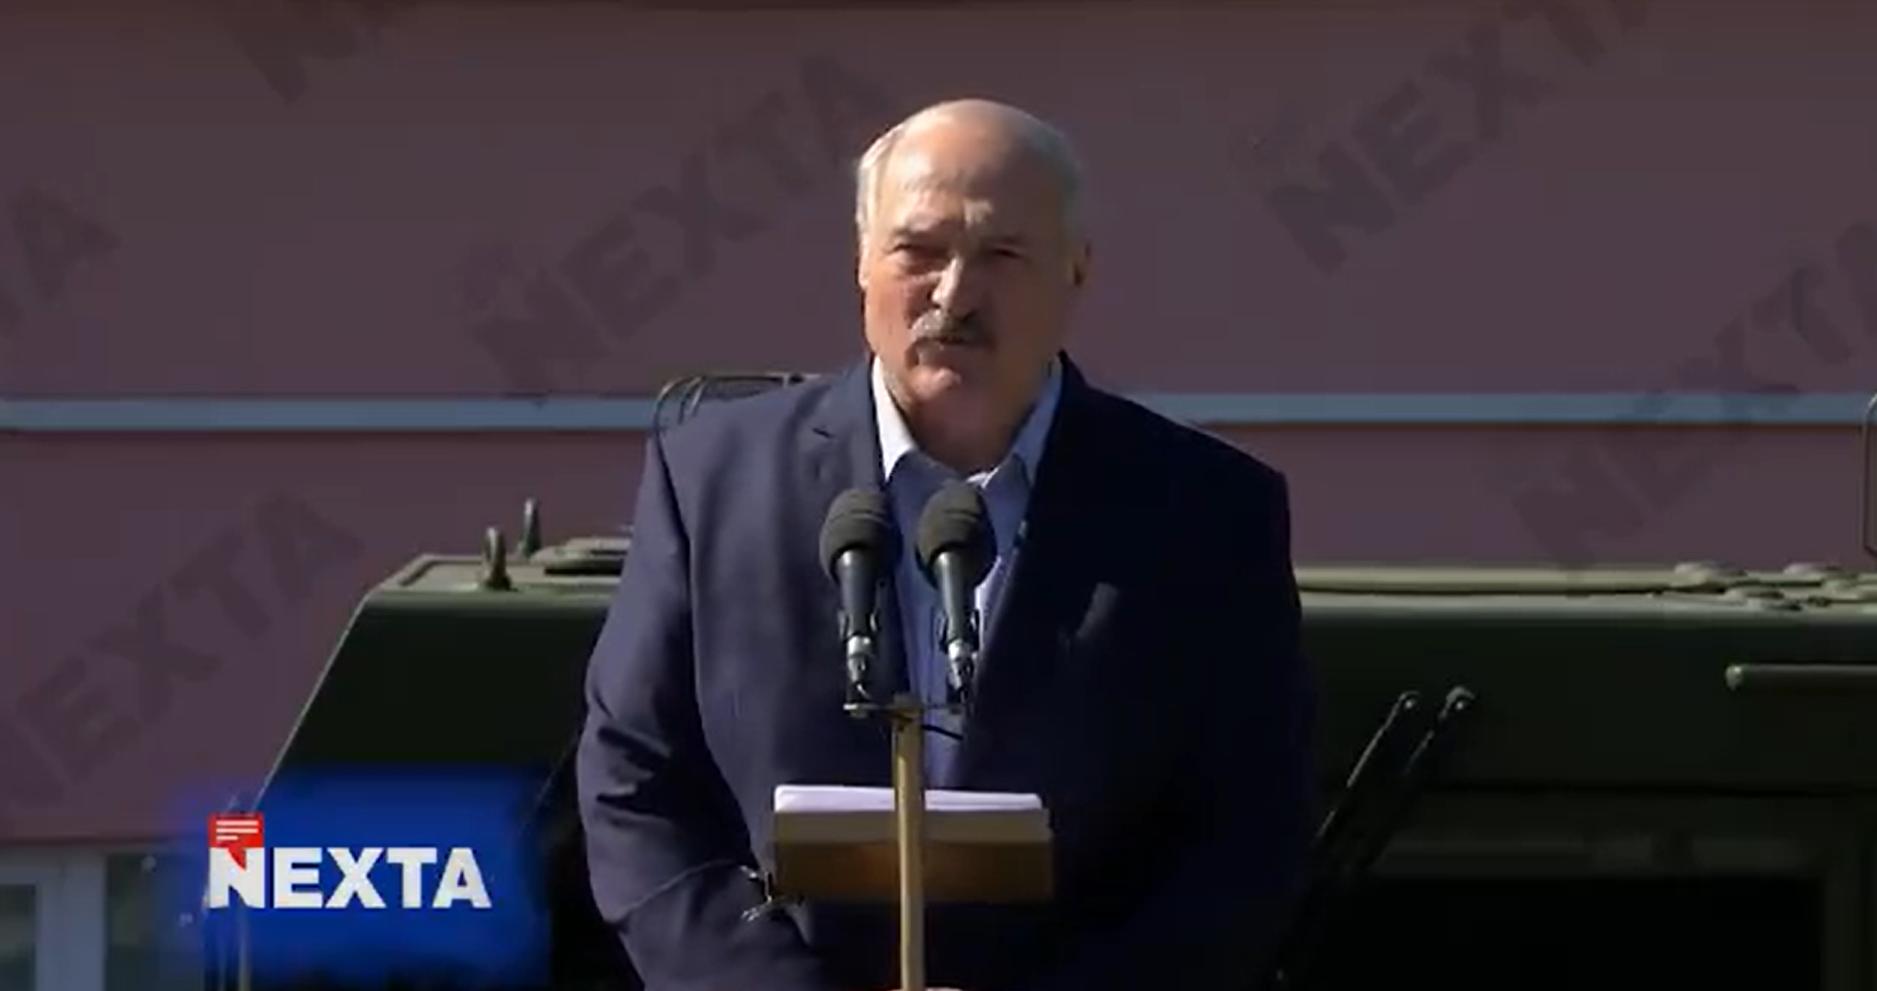 Ceaușescu közvetlenül a bukása előtt mondott olyan beszédet, mint Lukasenka ma délelőtt